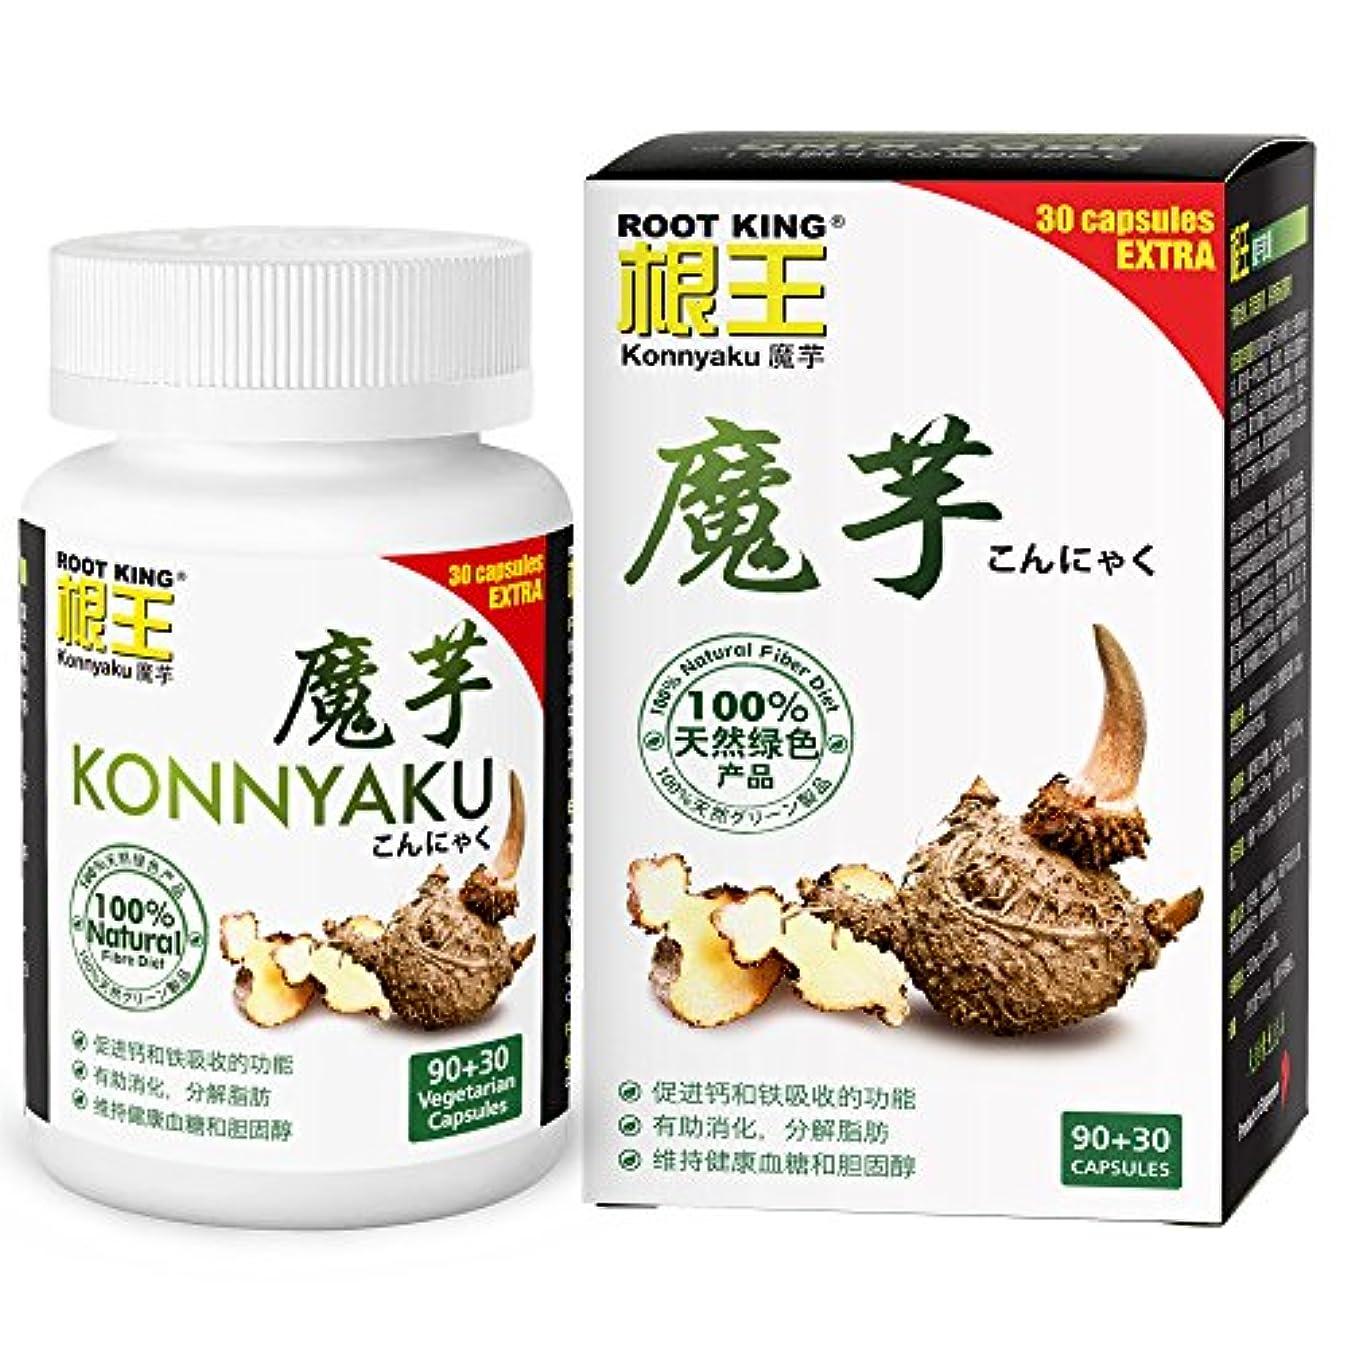 病気だと思う整然とした犬ROOT KING Konnyaku (120 Vegecaps) - control appetitide, feel fuller, contains Konjac glucomannan